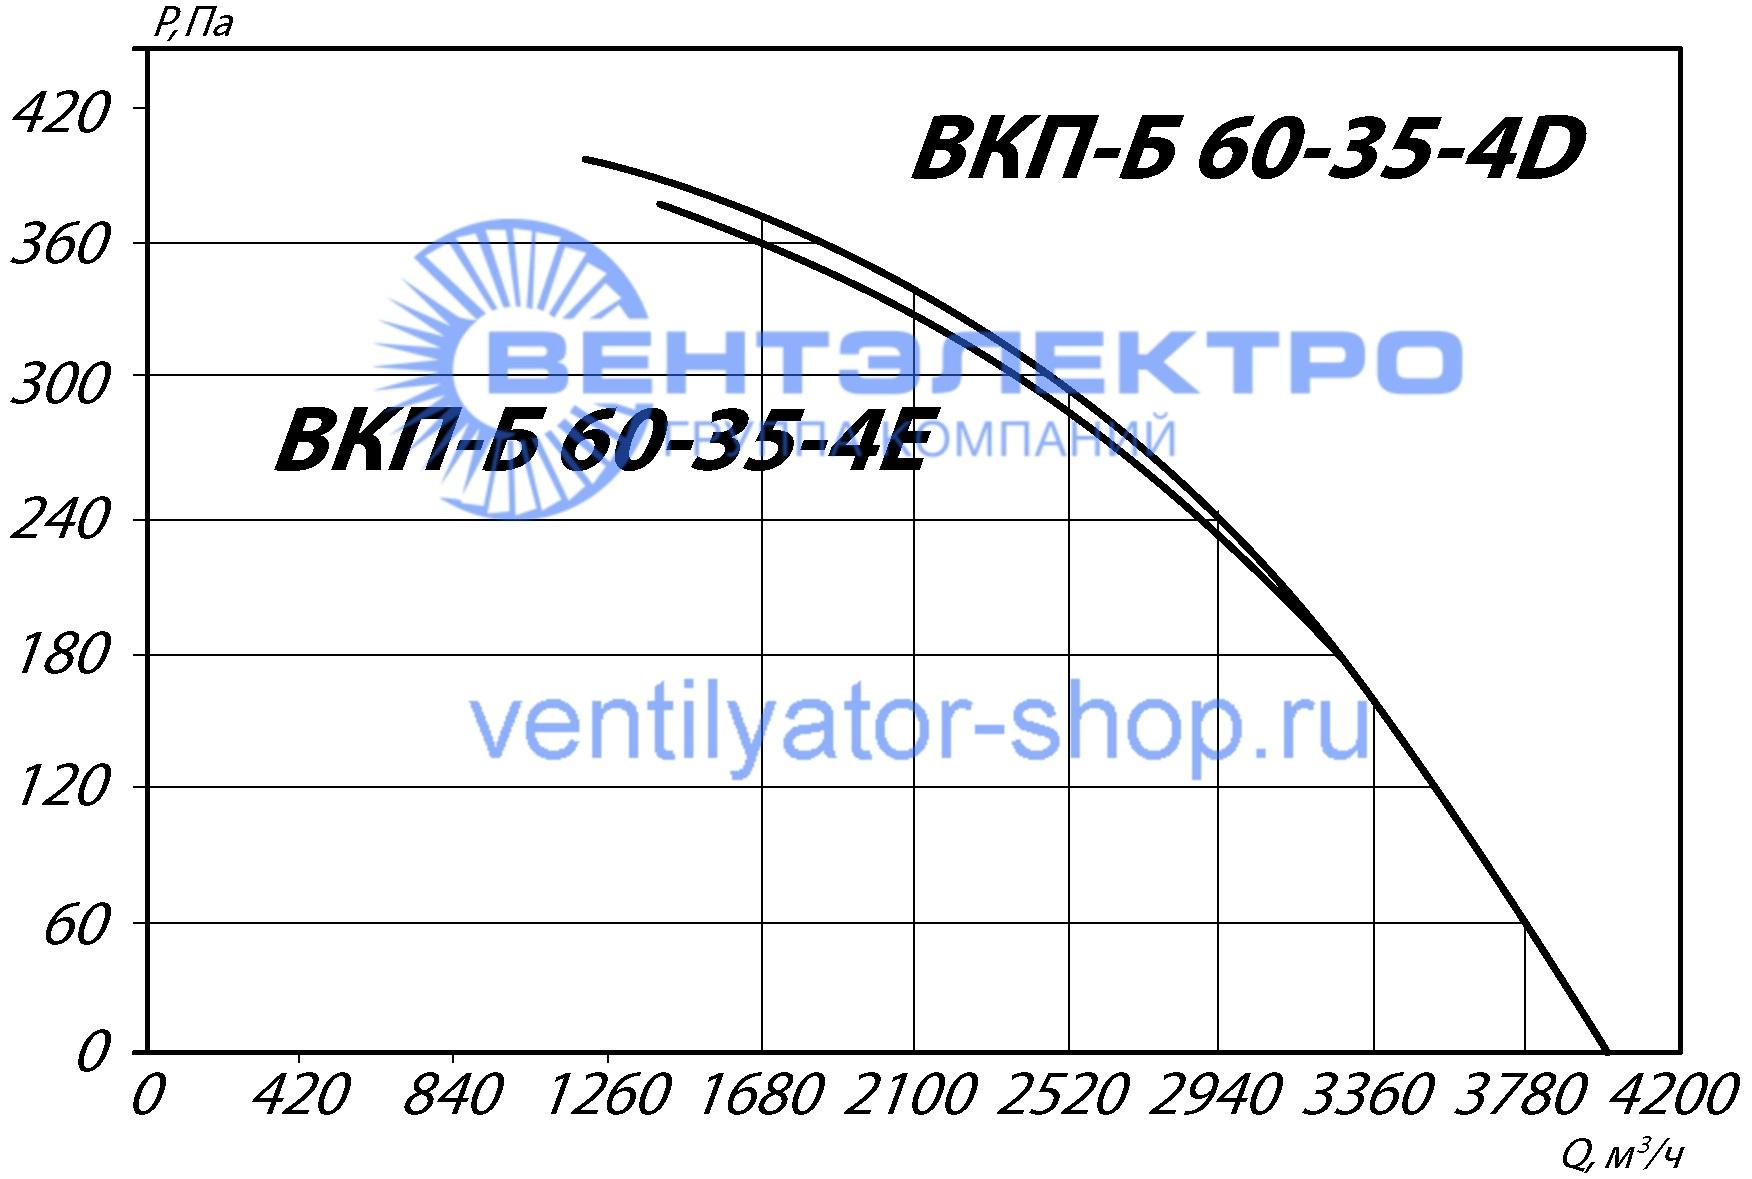 График аэродинамических характеристик ВКП-Б 60-35-4D